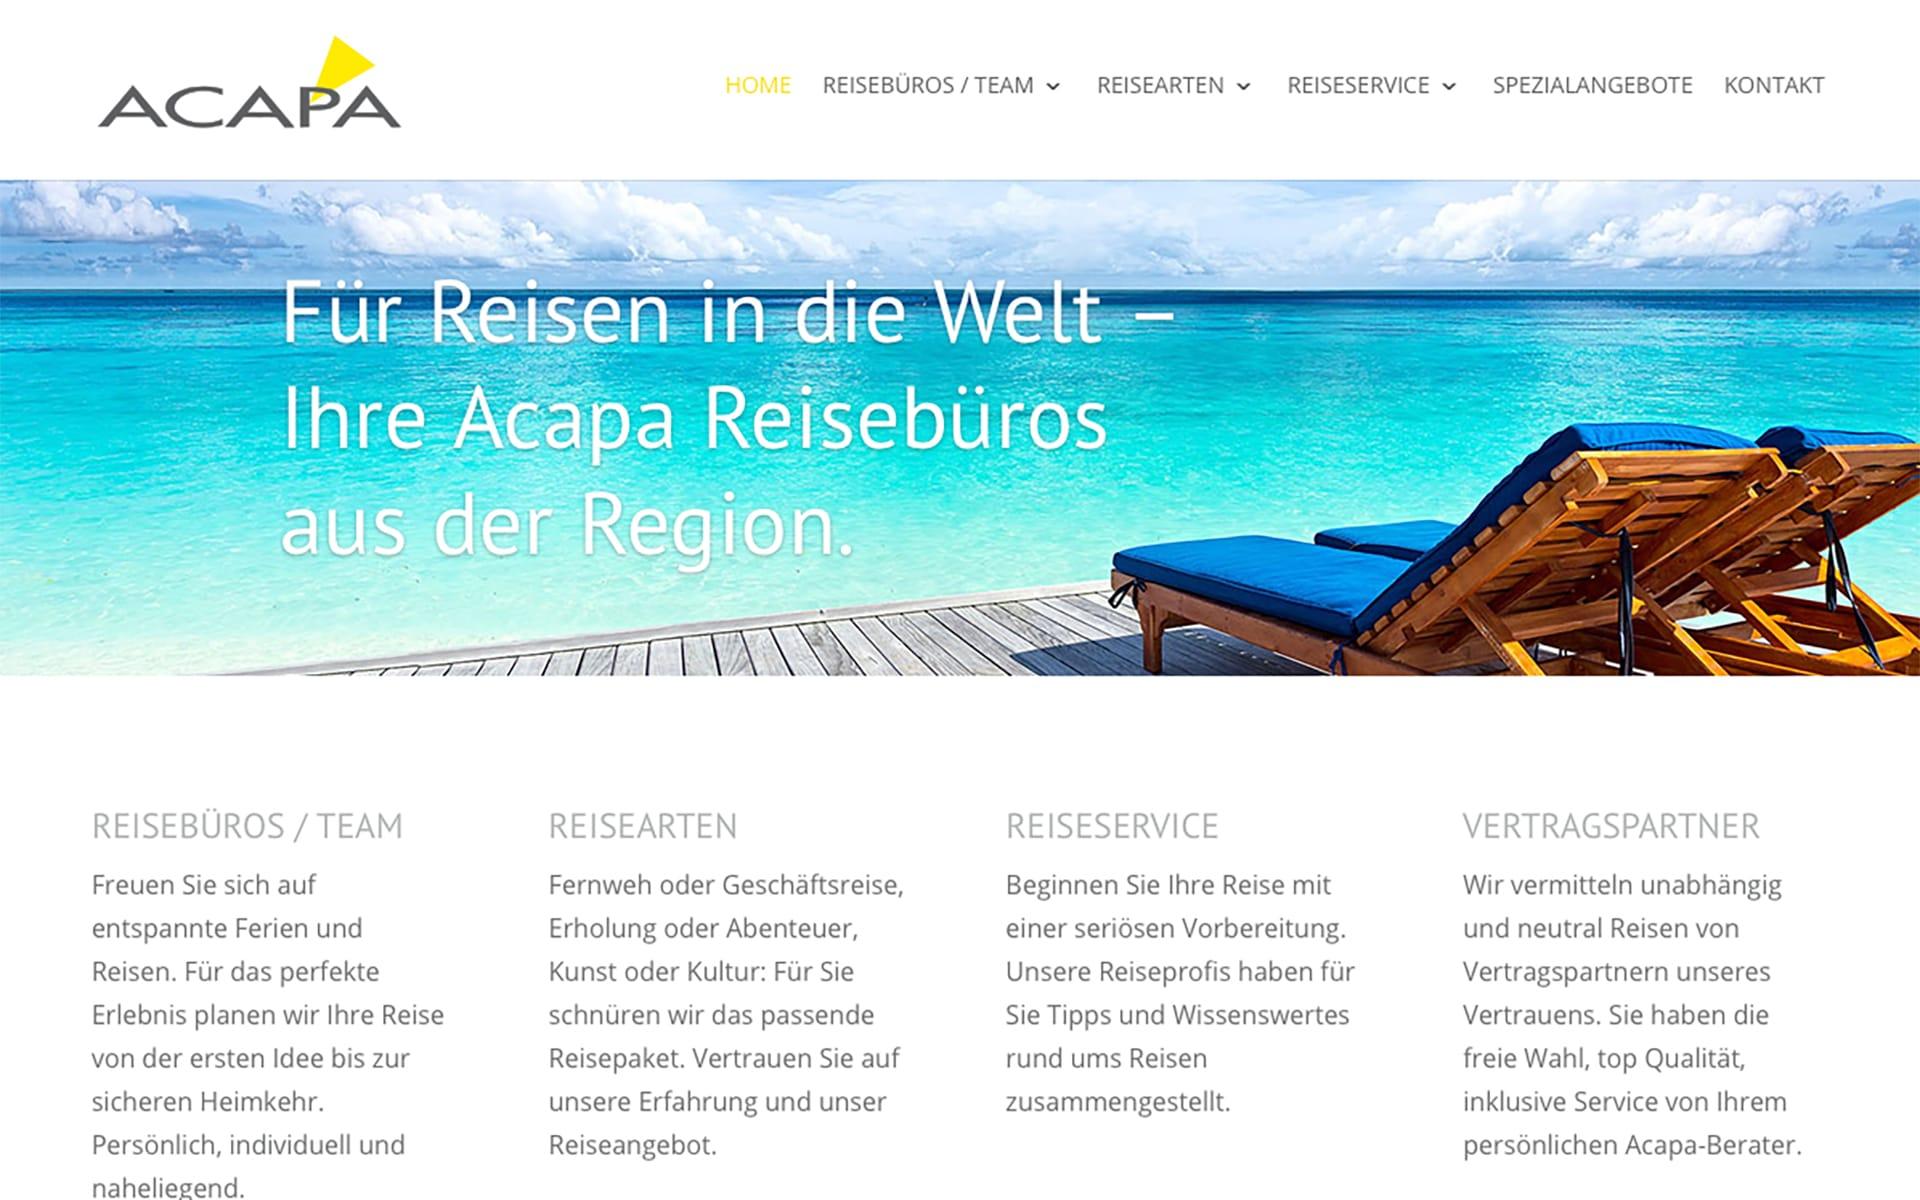 Mockup_Acapa